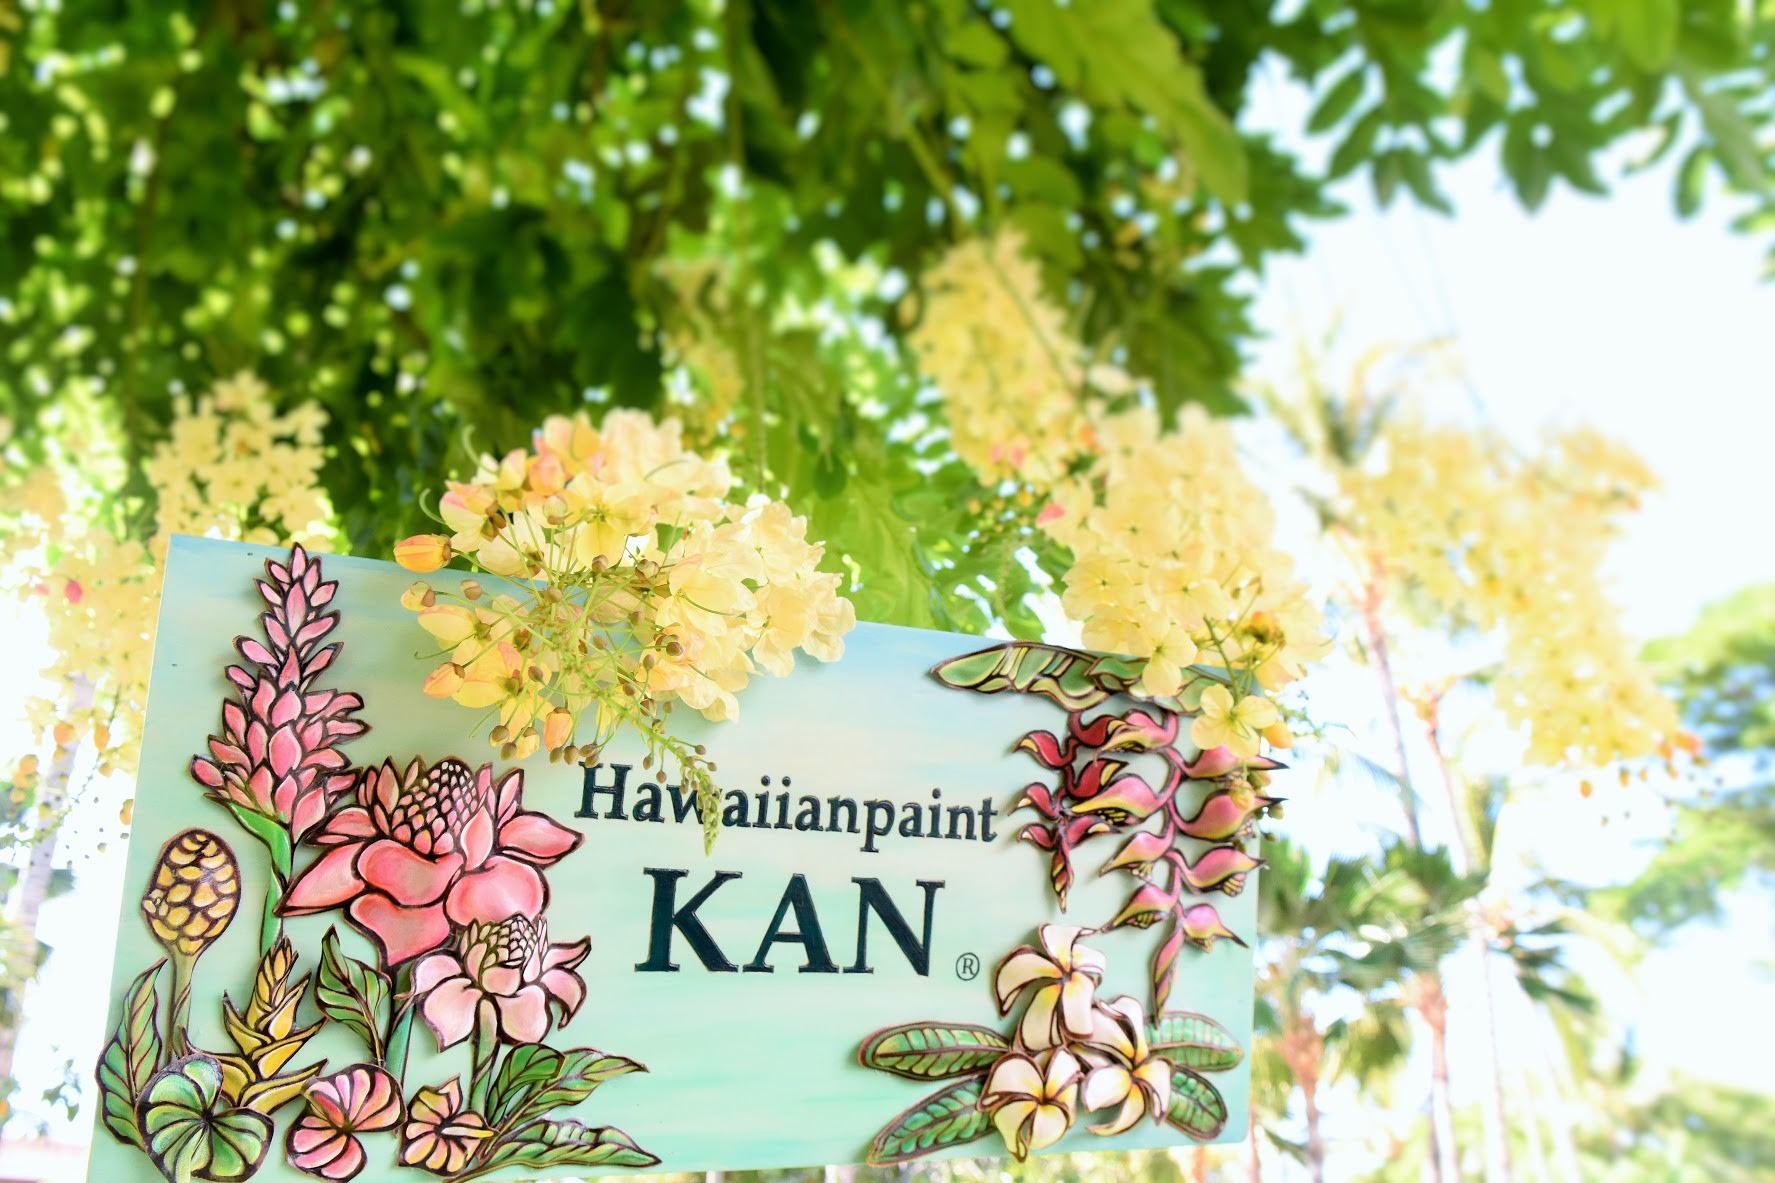 HawaiianPaintKAN WEBSHOP紹介画像1